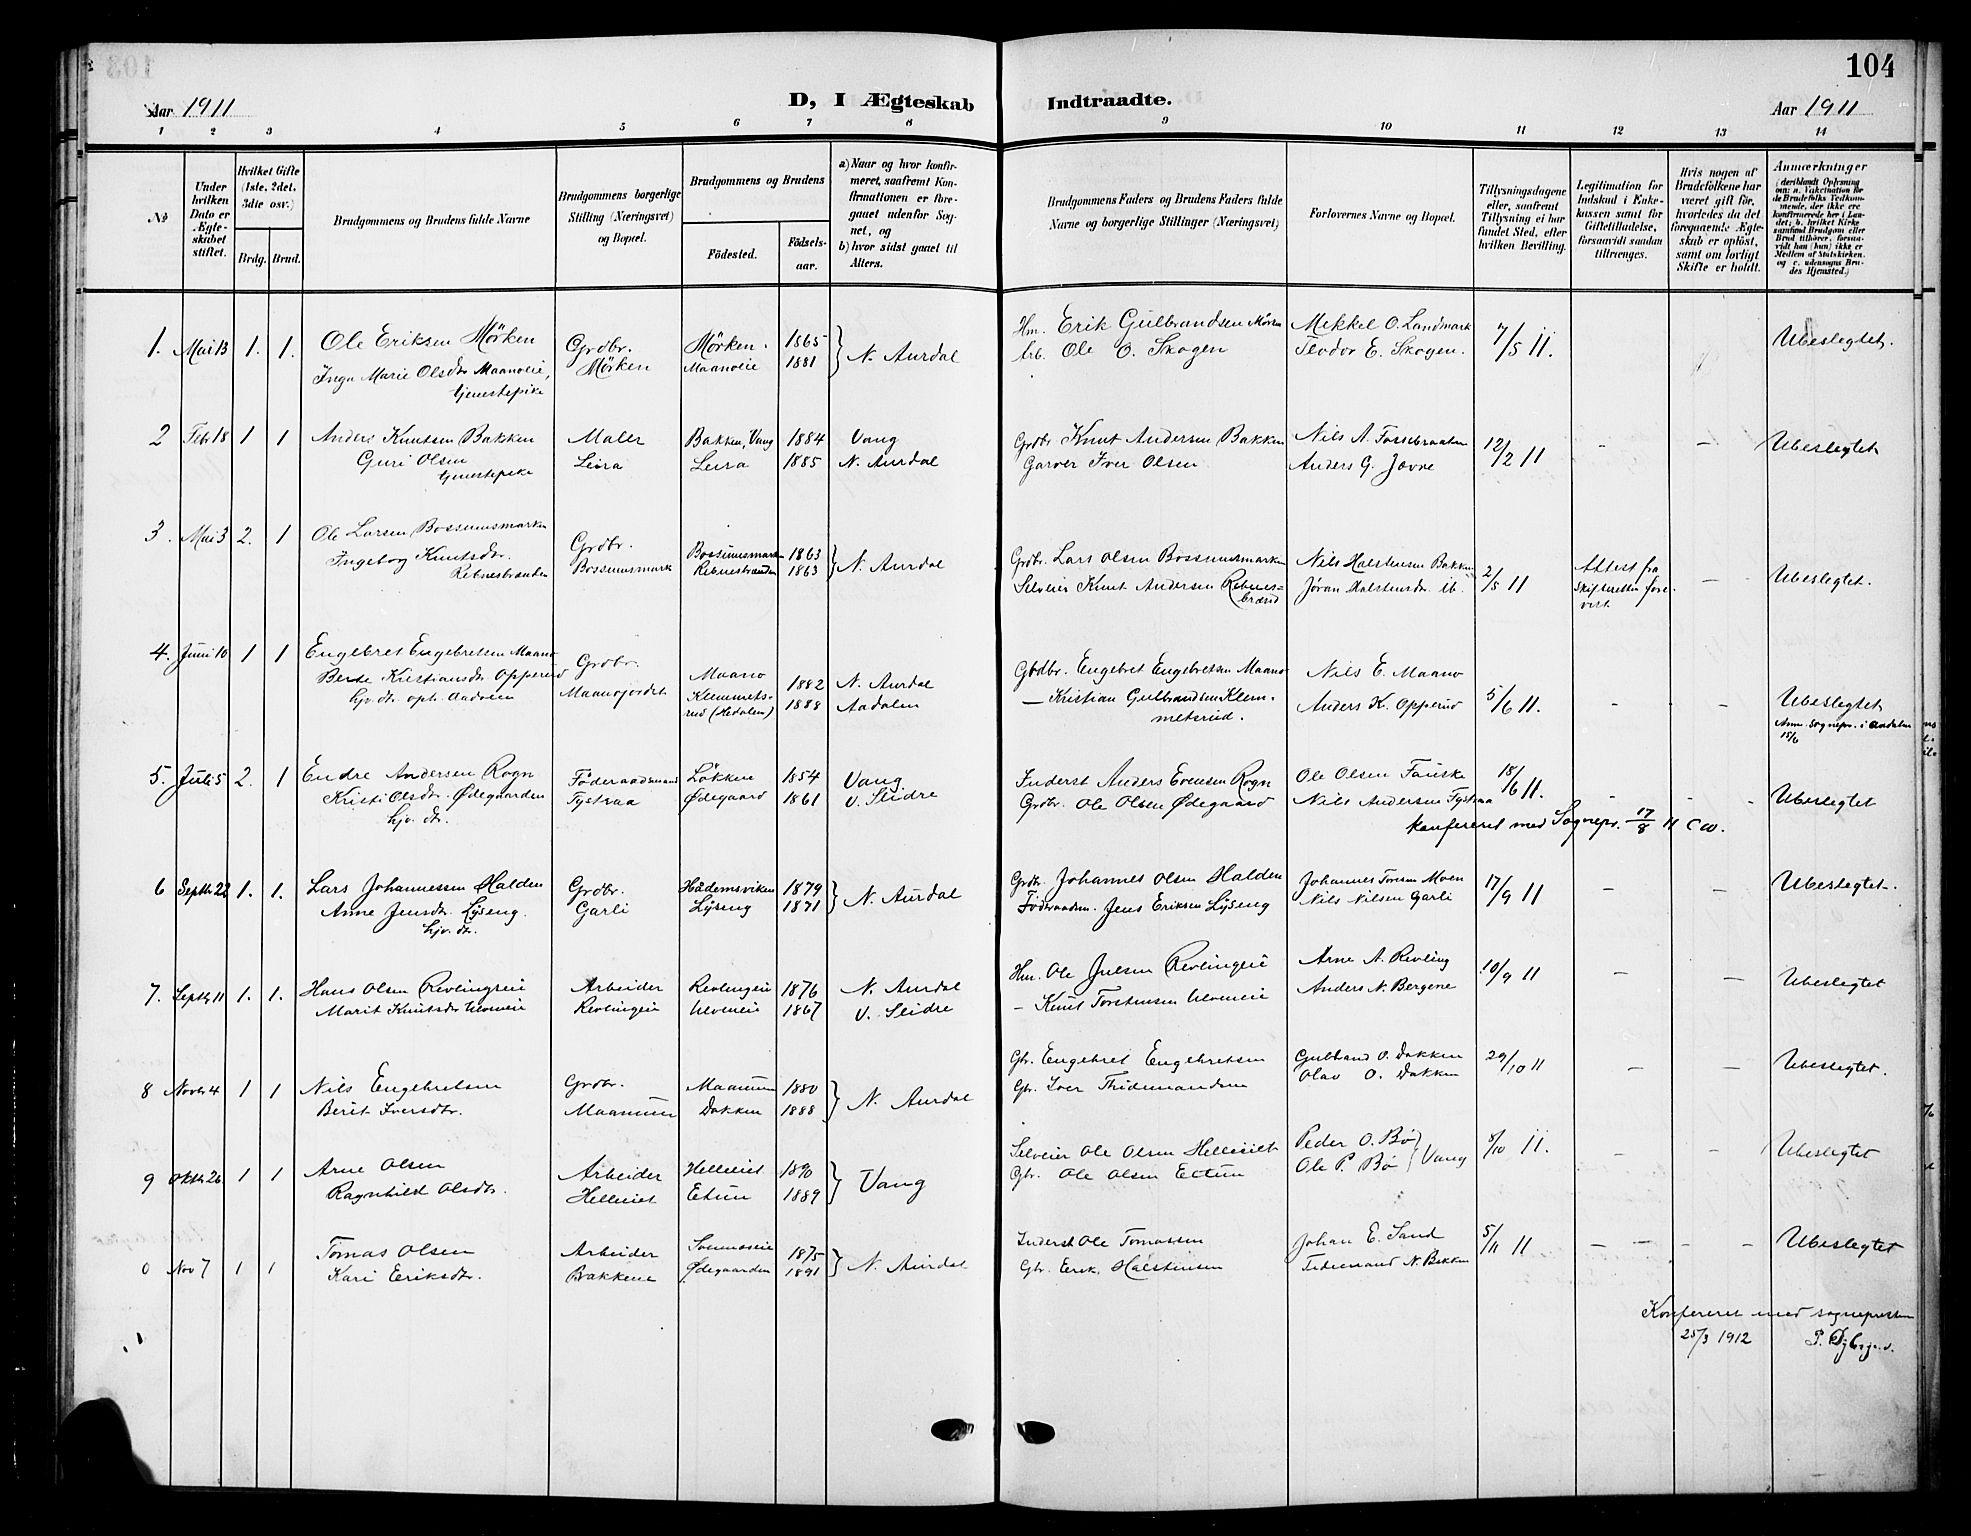 SAH, Nord-Aurdal prestekontor, Klokkerbok nr. 12, 1907-1920, s. 104